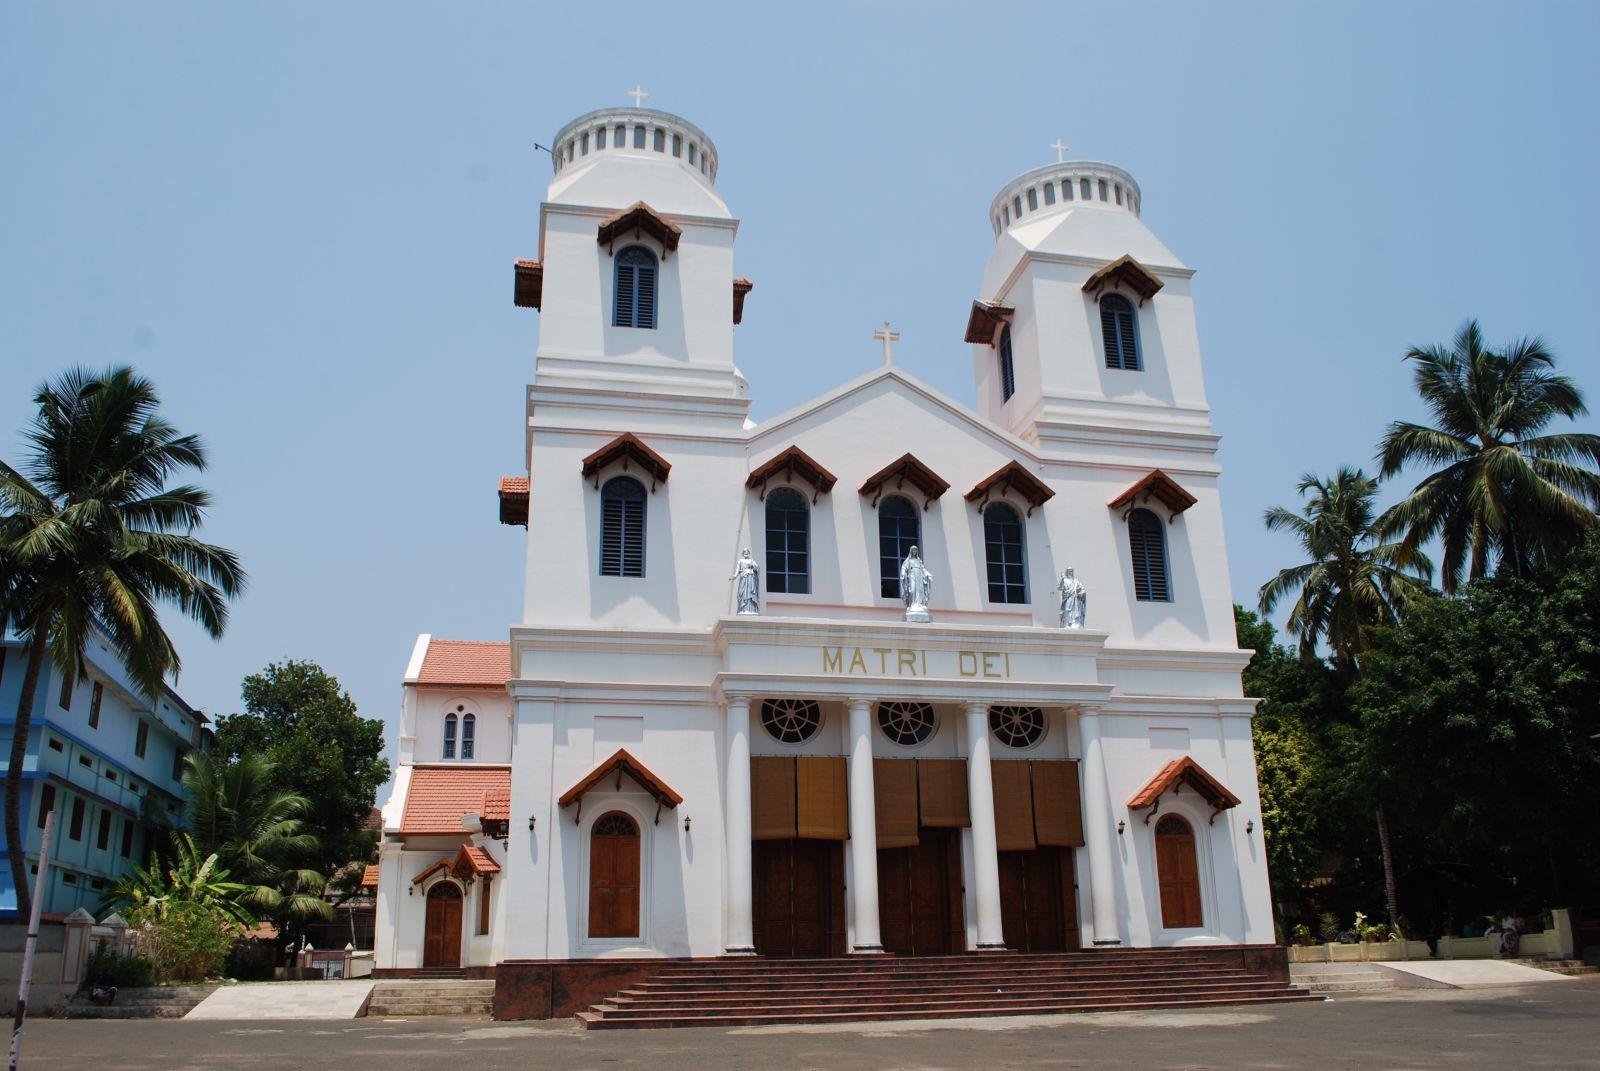 小巧的教堂以簡潔的建築線條呈現